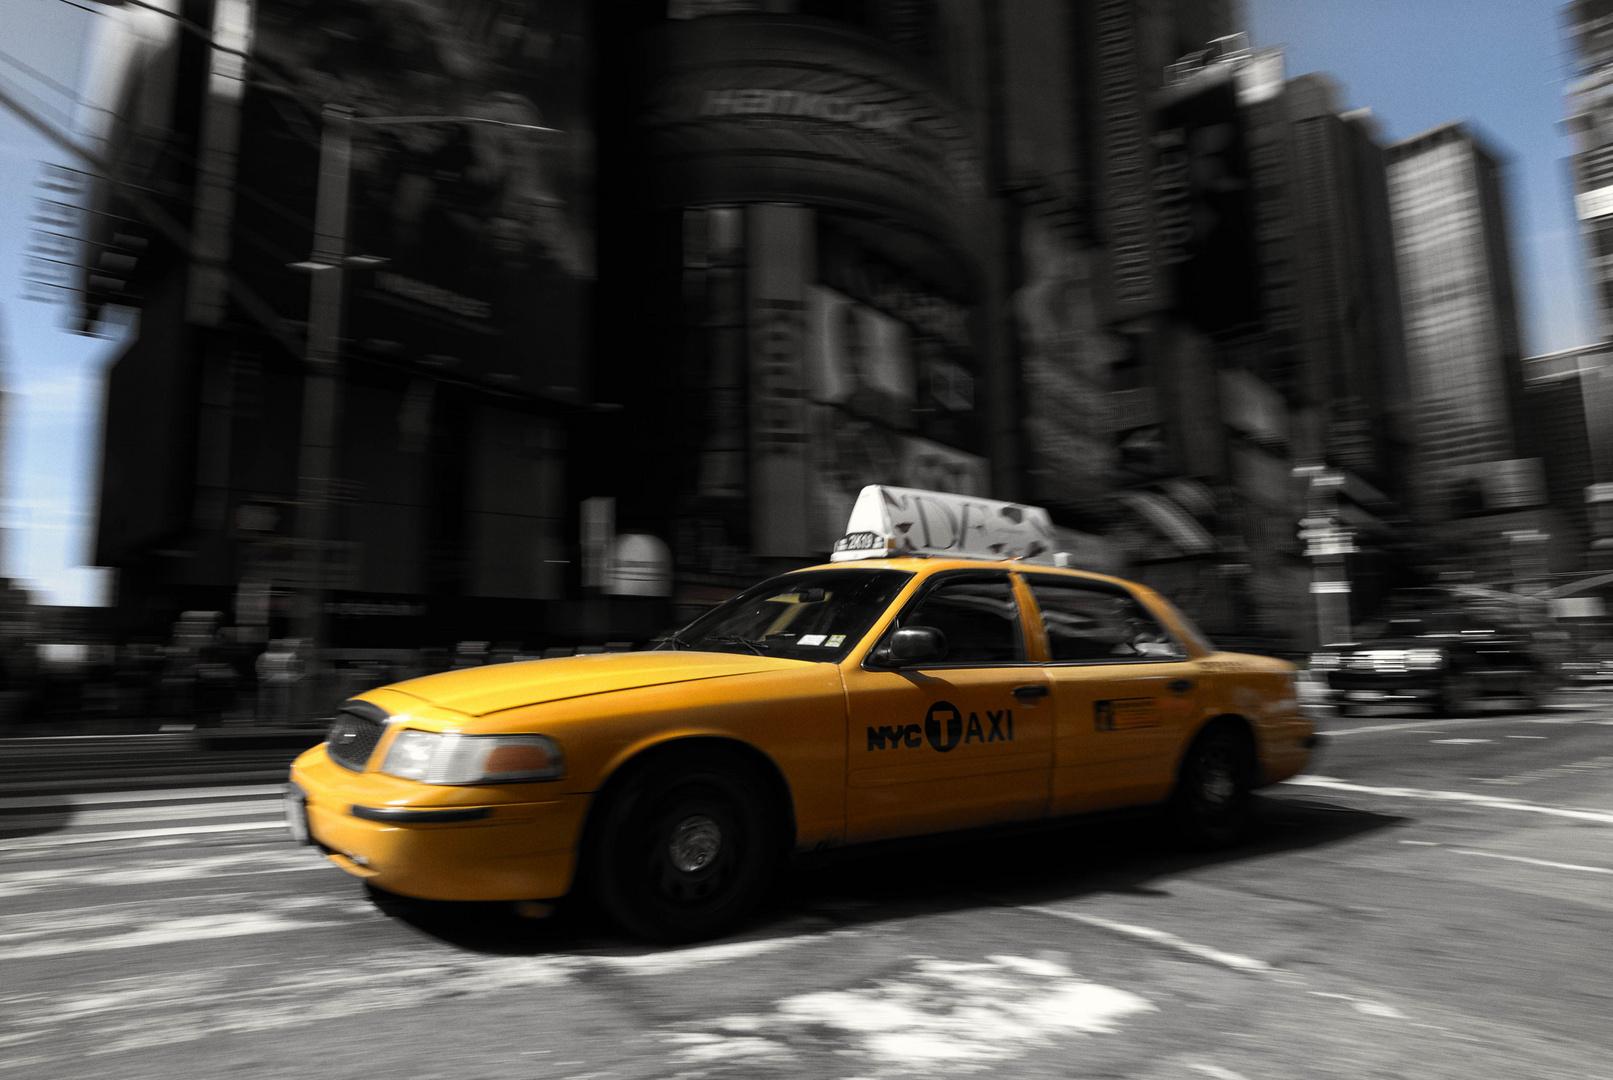 NYC-Taxi 2